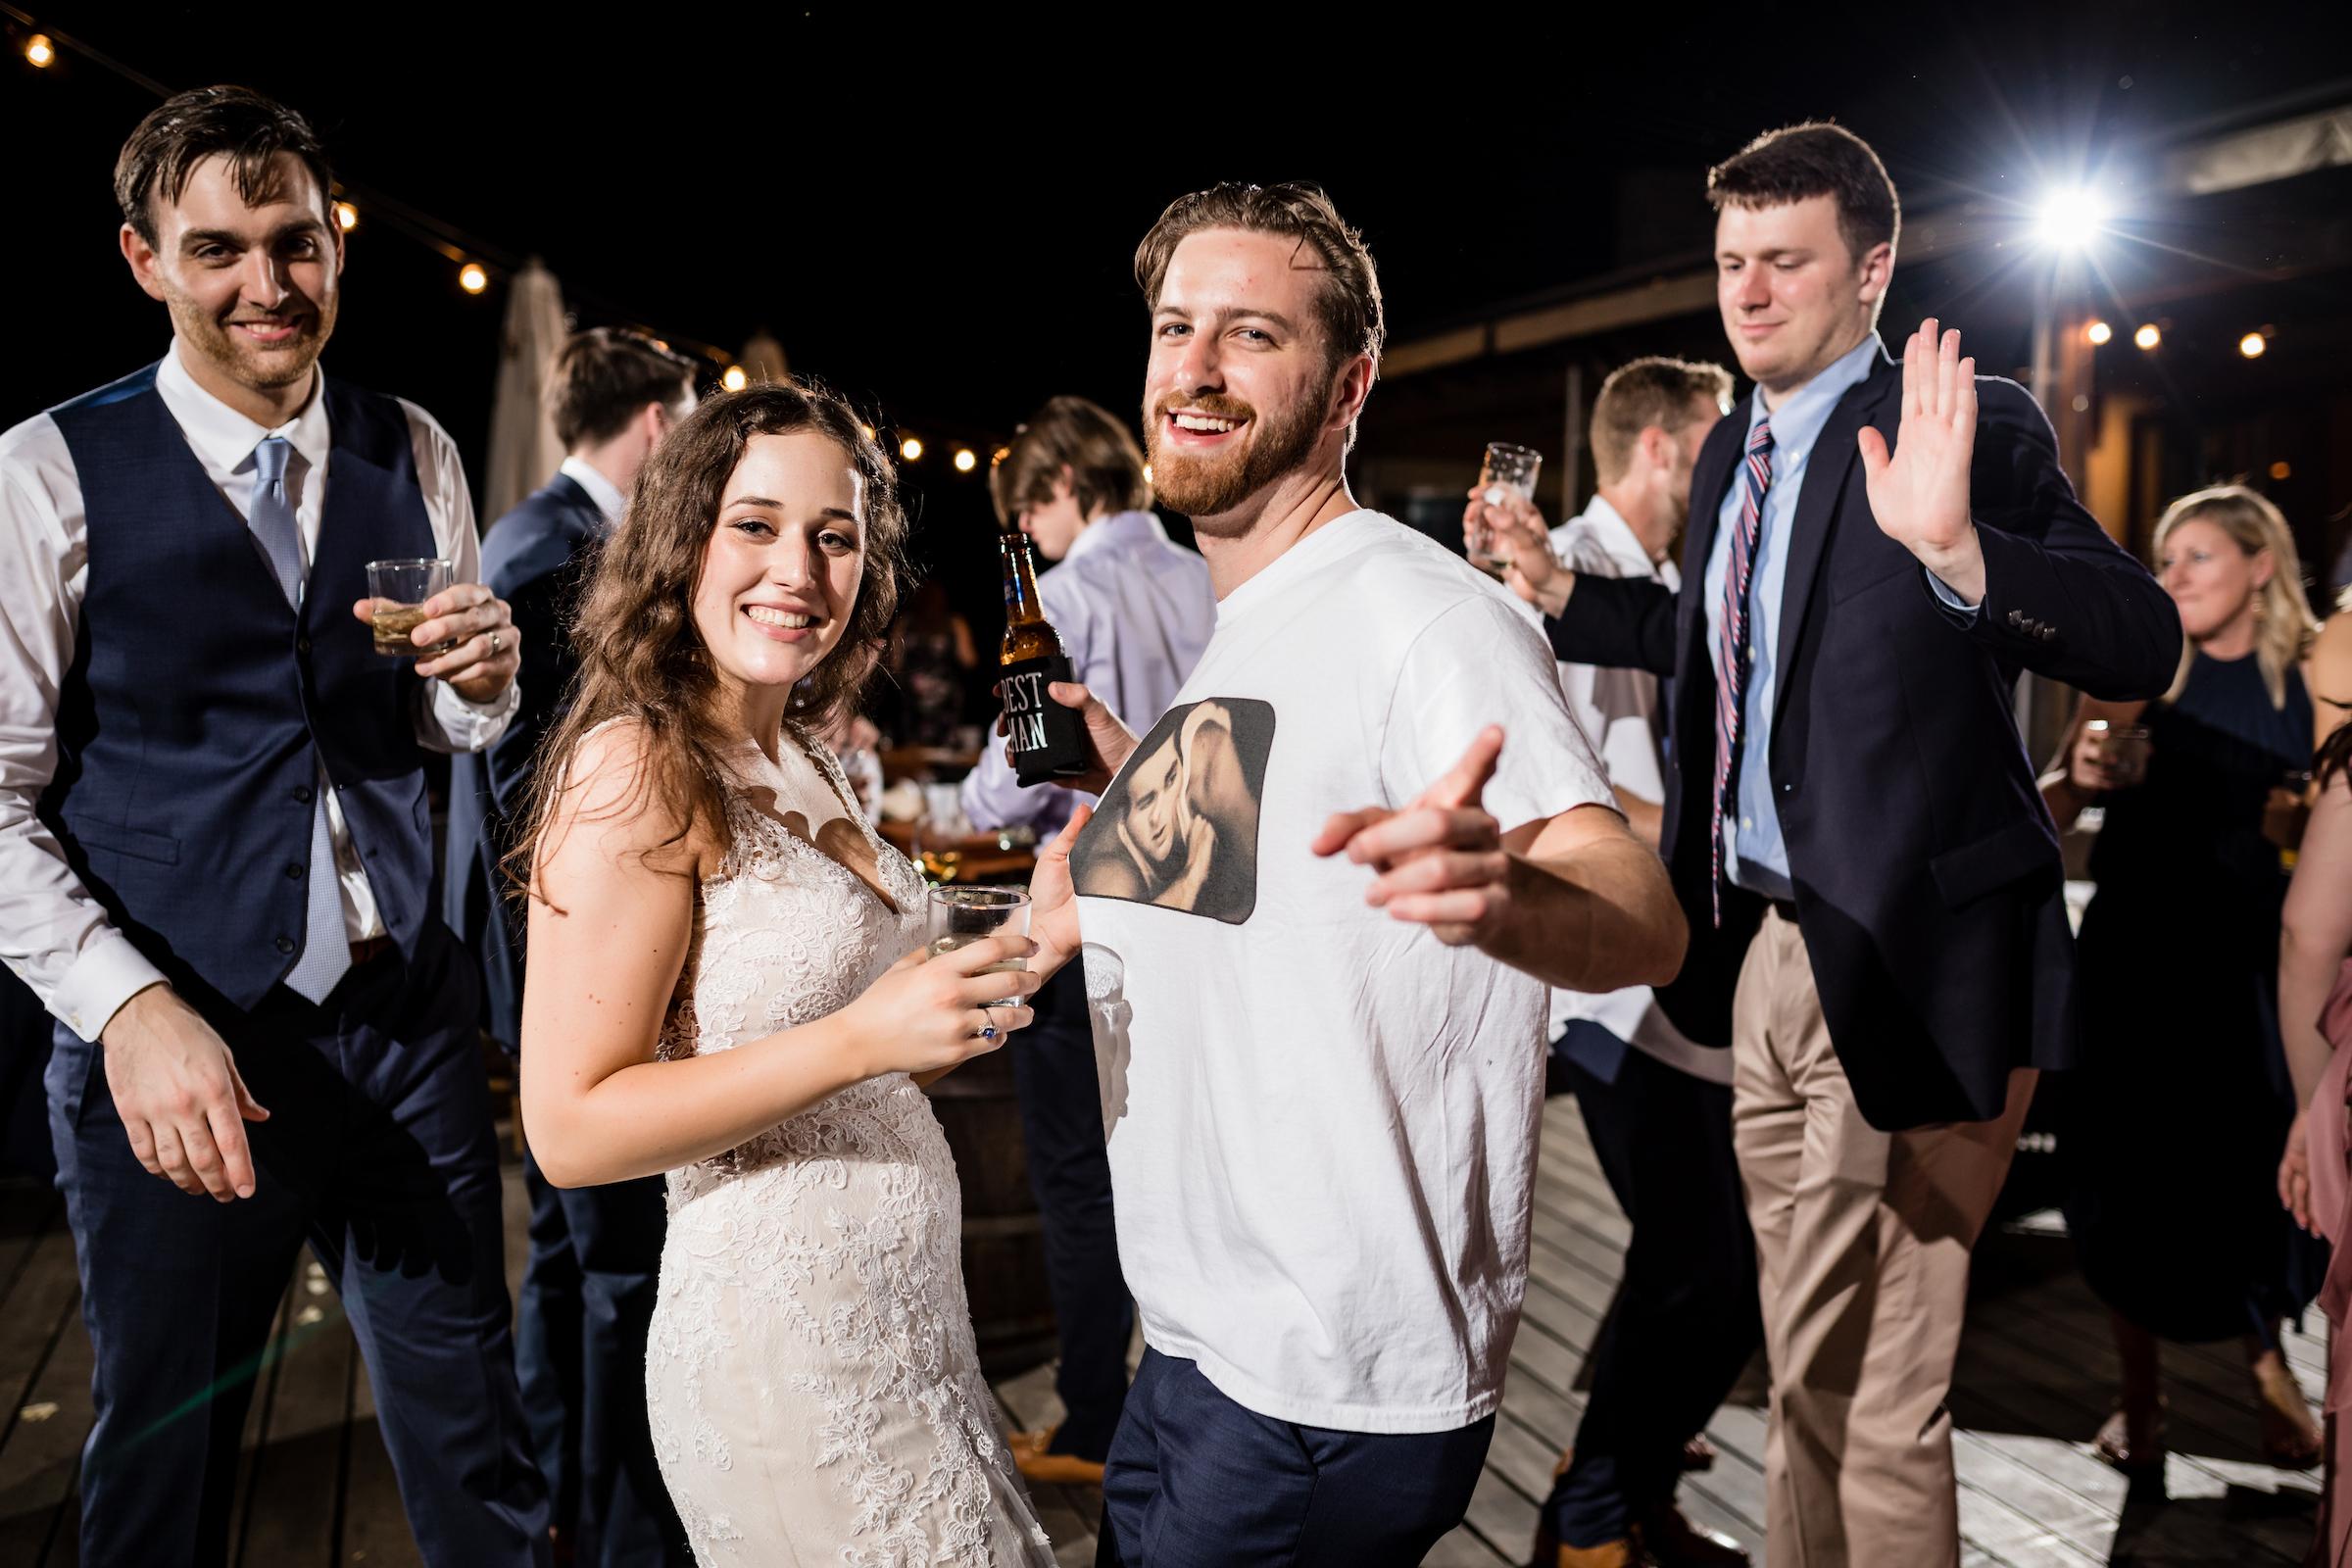 brielle-davis-events-kairos-photography-chandler-hill-wedding-dancing-701.jpg